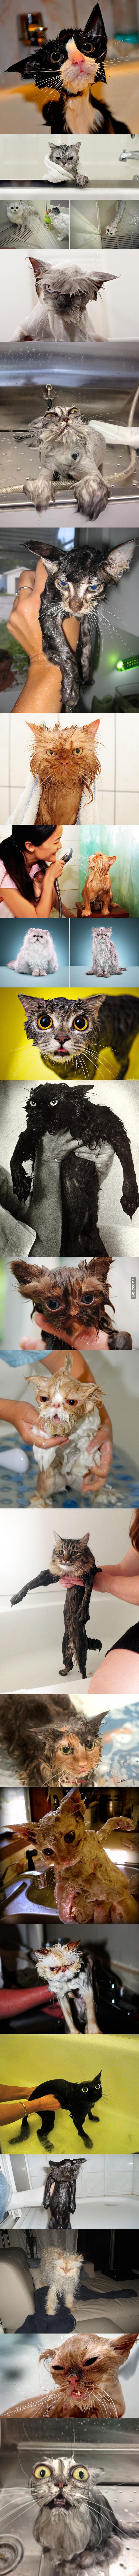 22 photos de chats mouillés